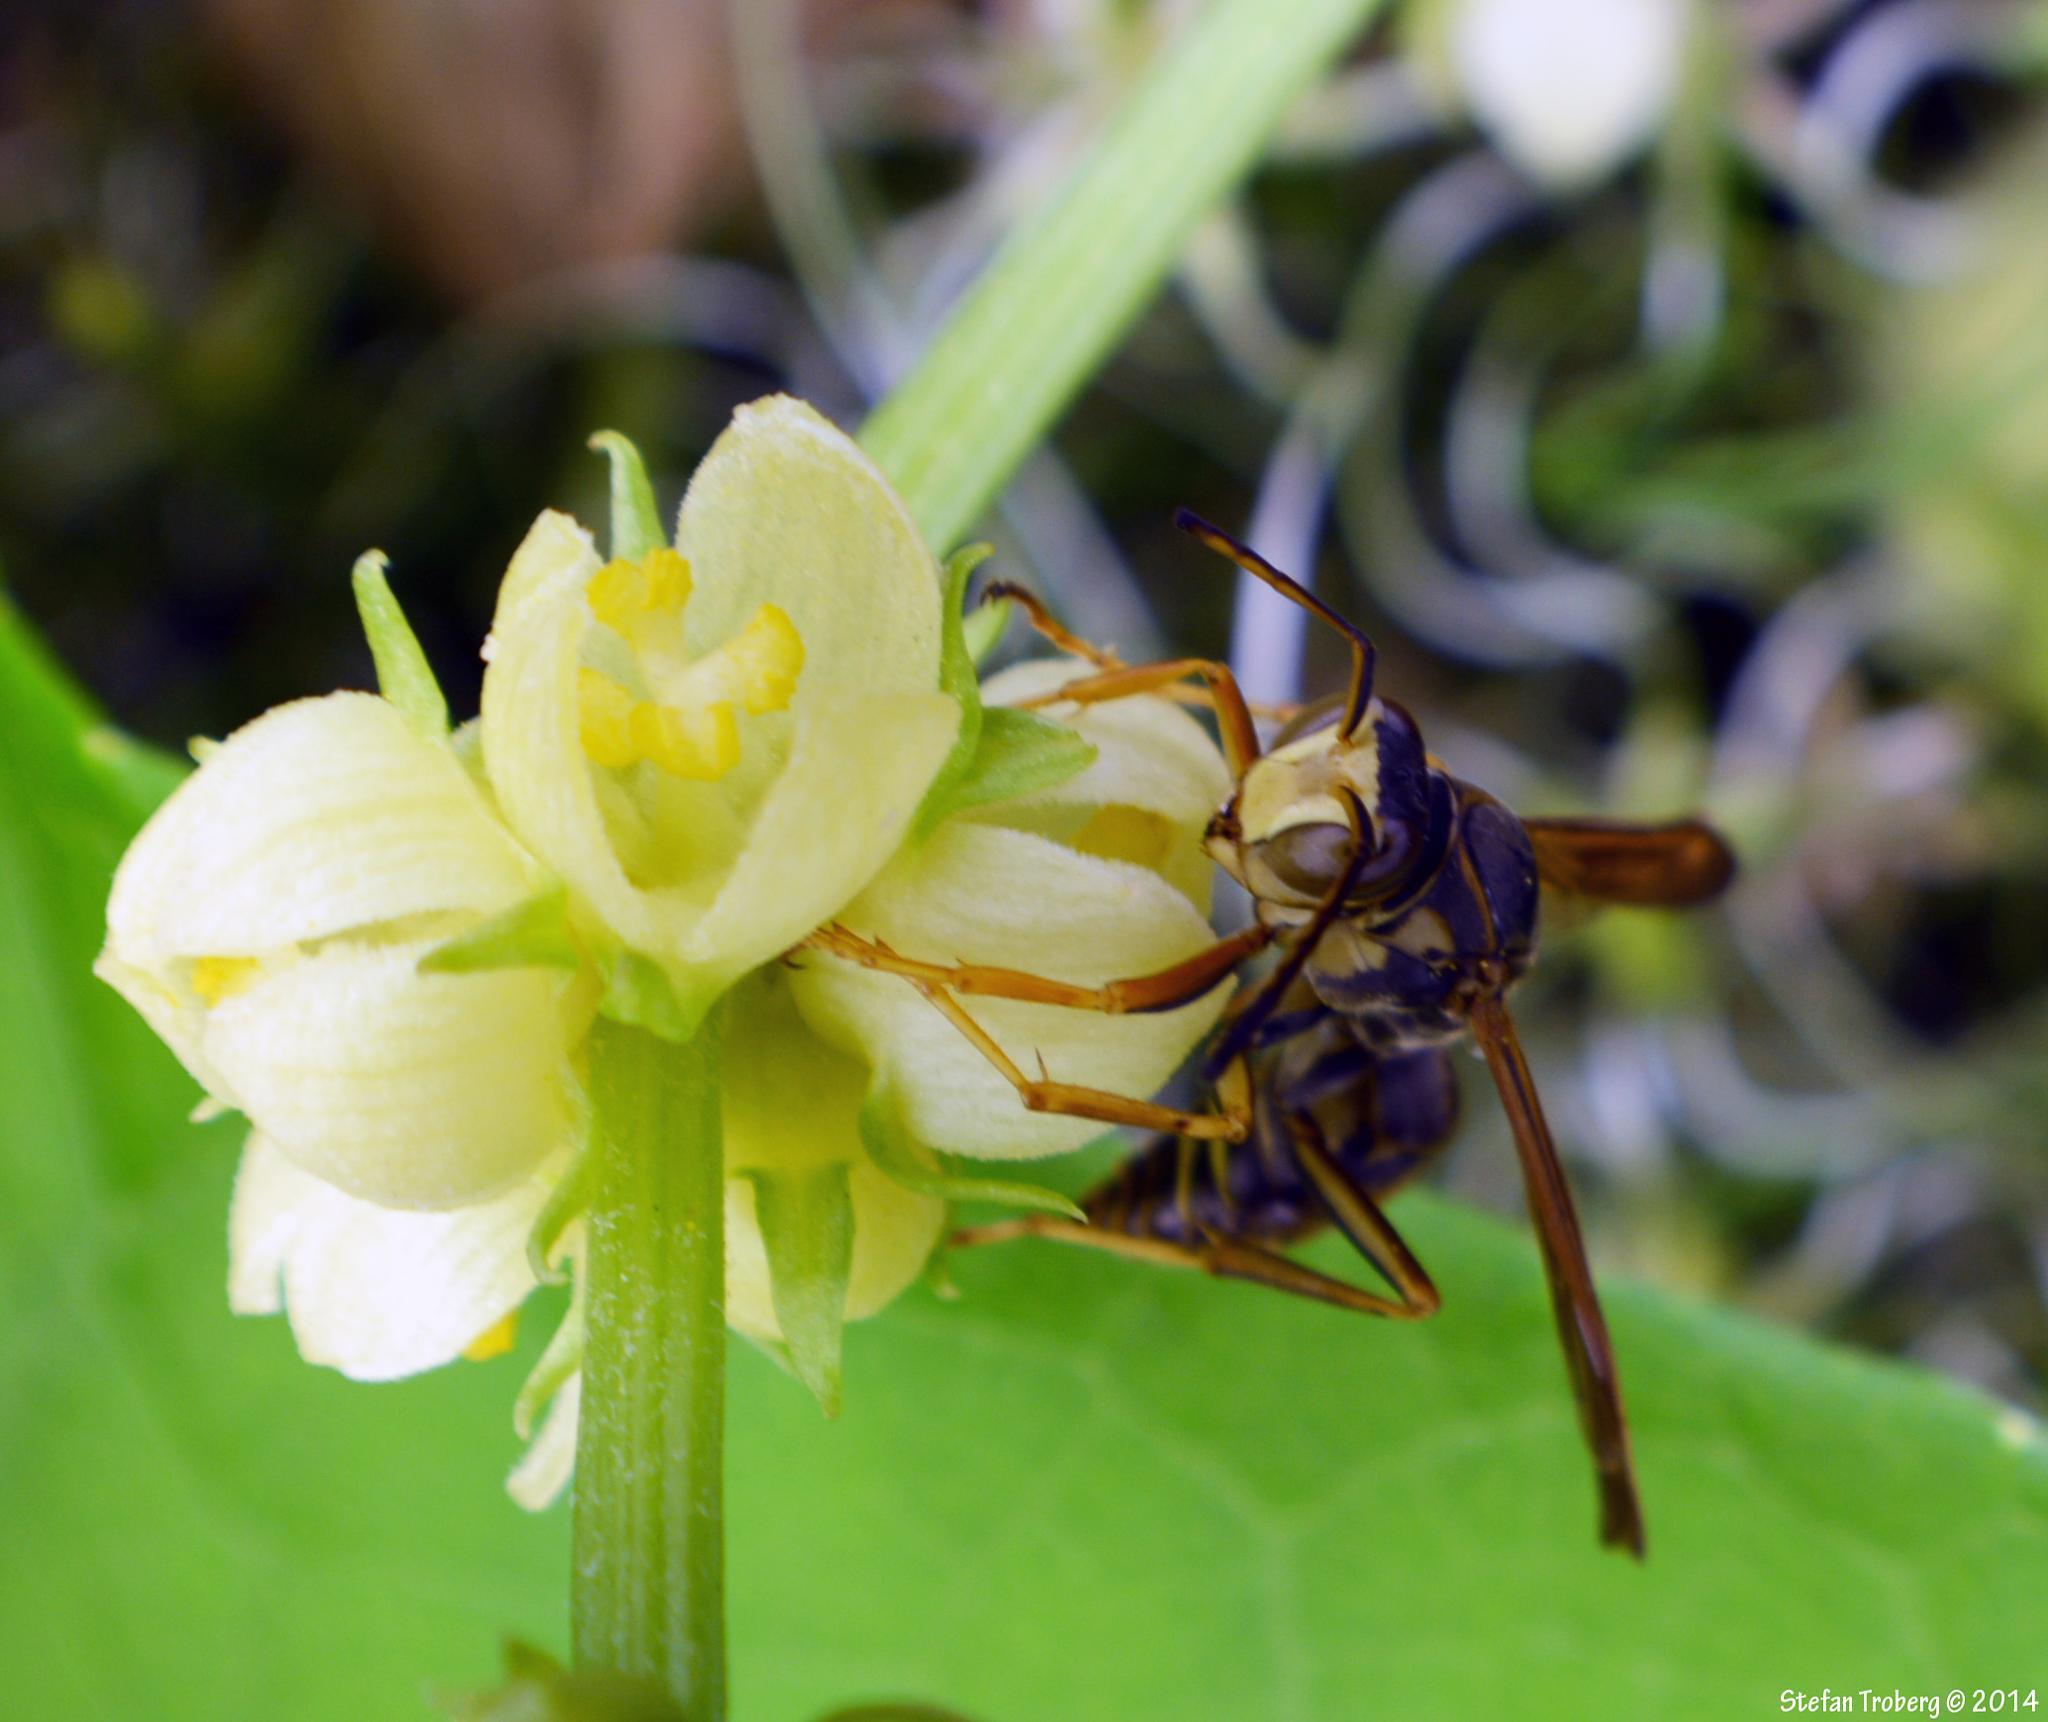 Life on a flower by Stefan Troberg